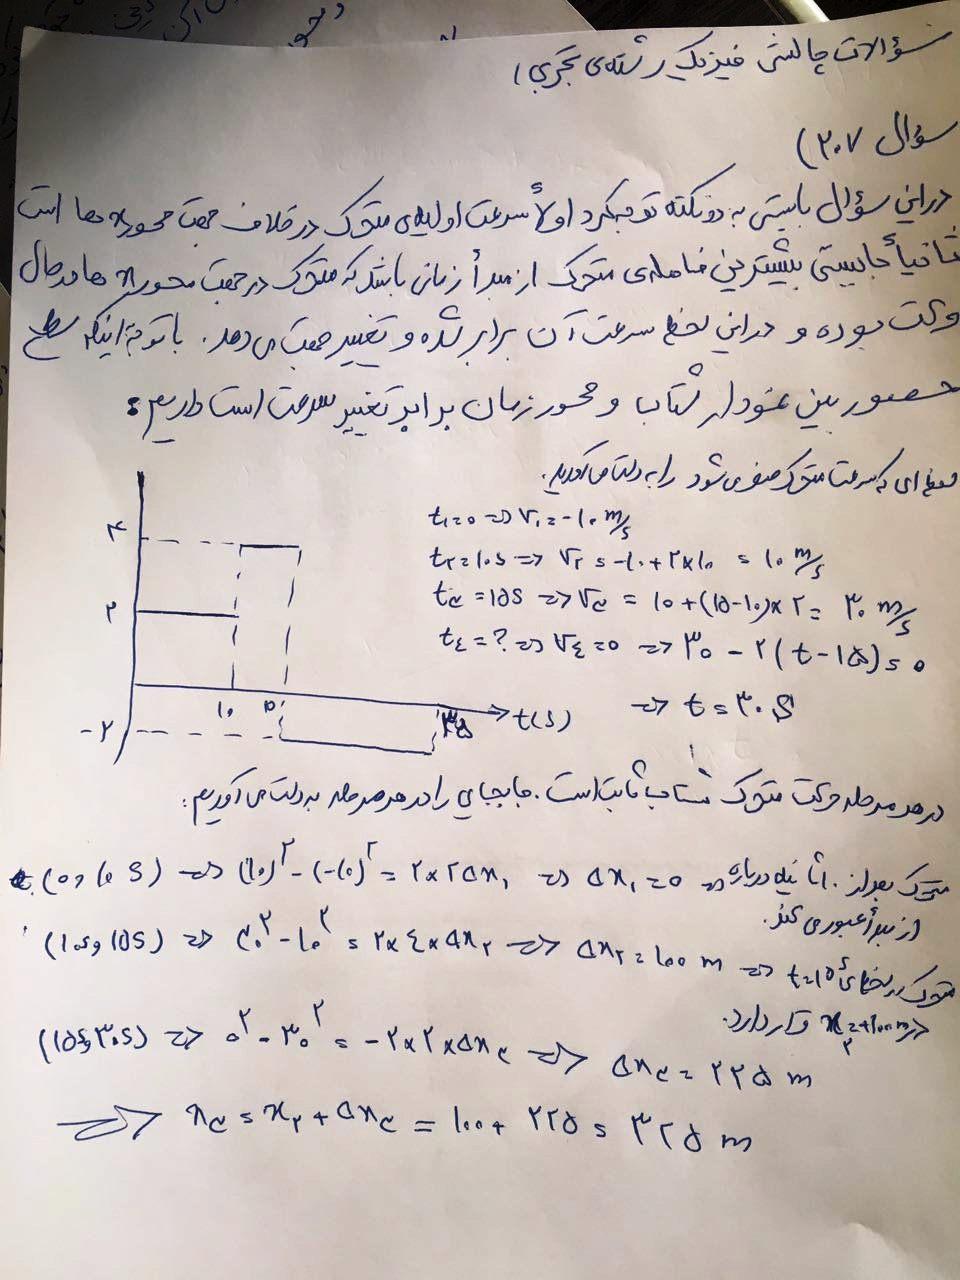 پاسخ تشریحی فیزیک کنکور سراسری تجربی 95